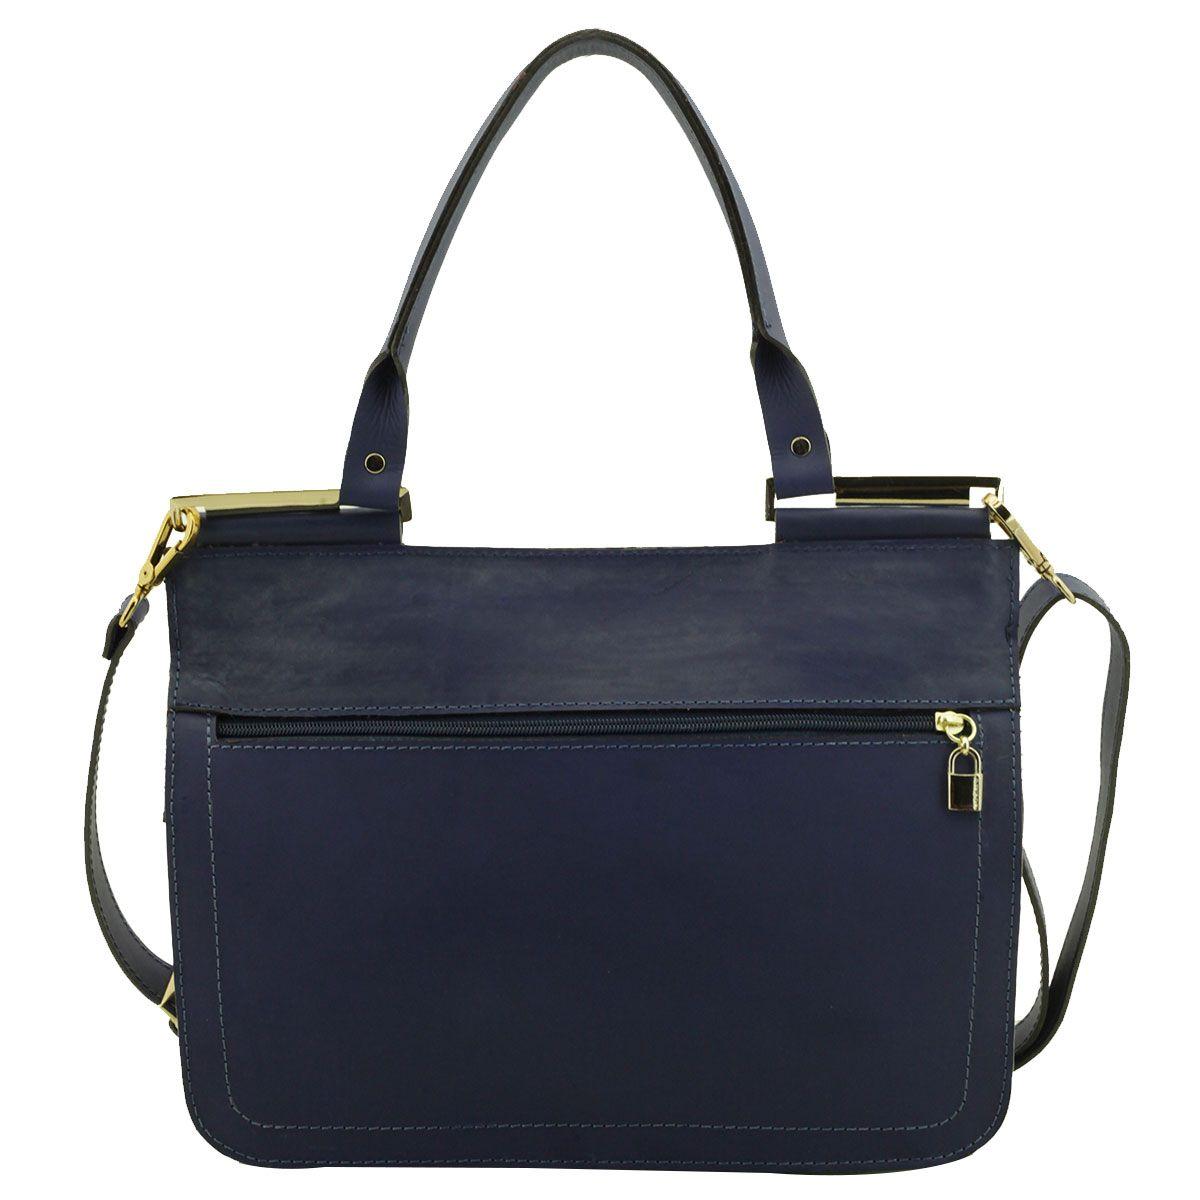 Bolsa De Festa Azul Marinho : Bolsa couro envelope azul marinho